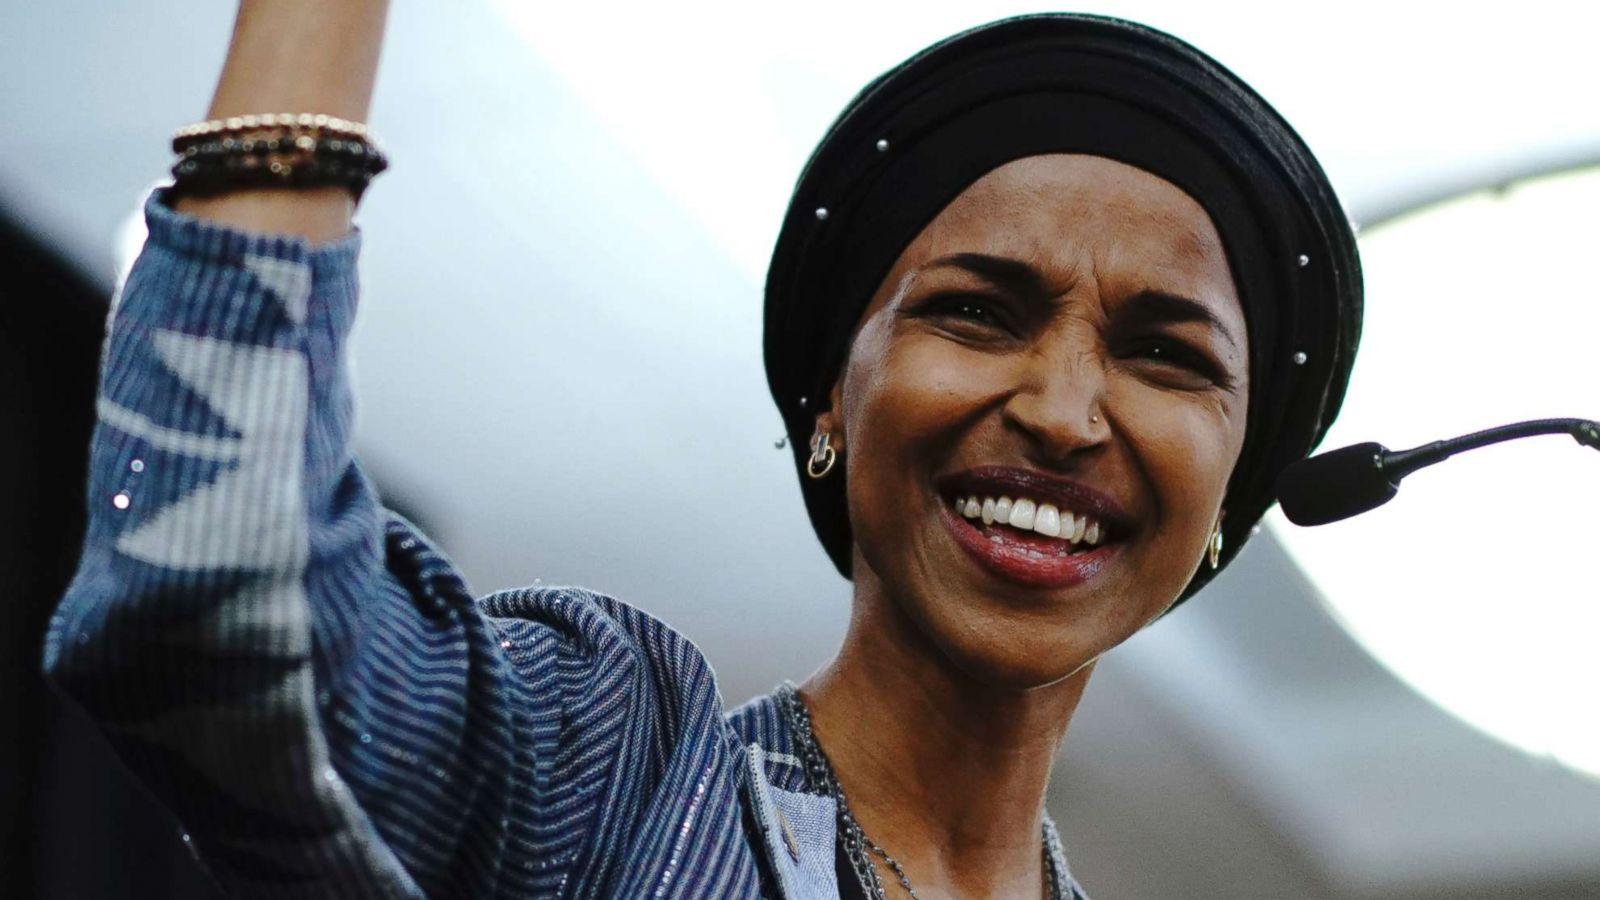 ترامب يخسر مجلس النواب في انتخابات الكونغريس و أول مسلمة محجبة تفوز بعضوية مجلس الشيوخ